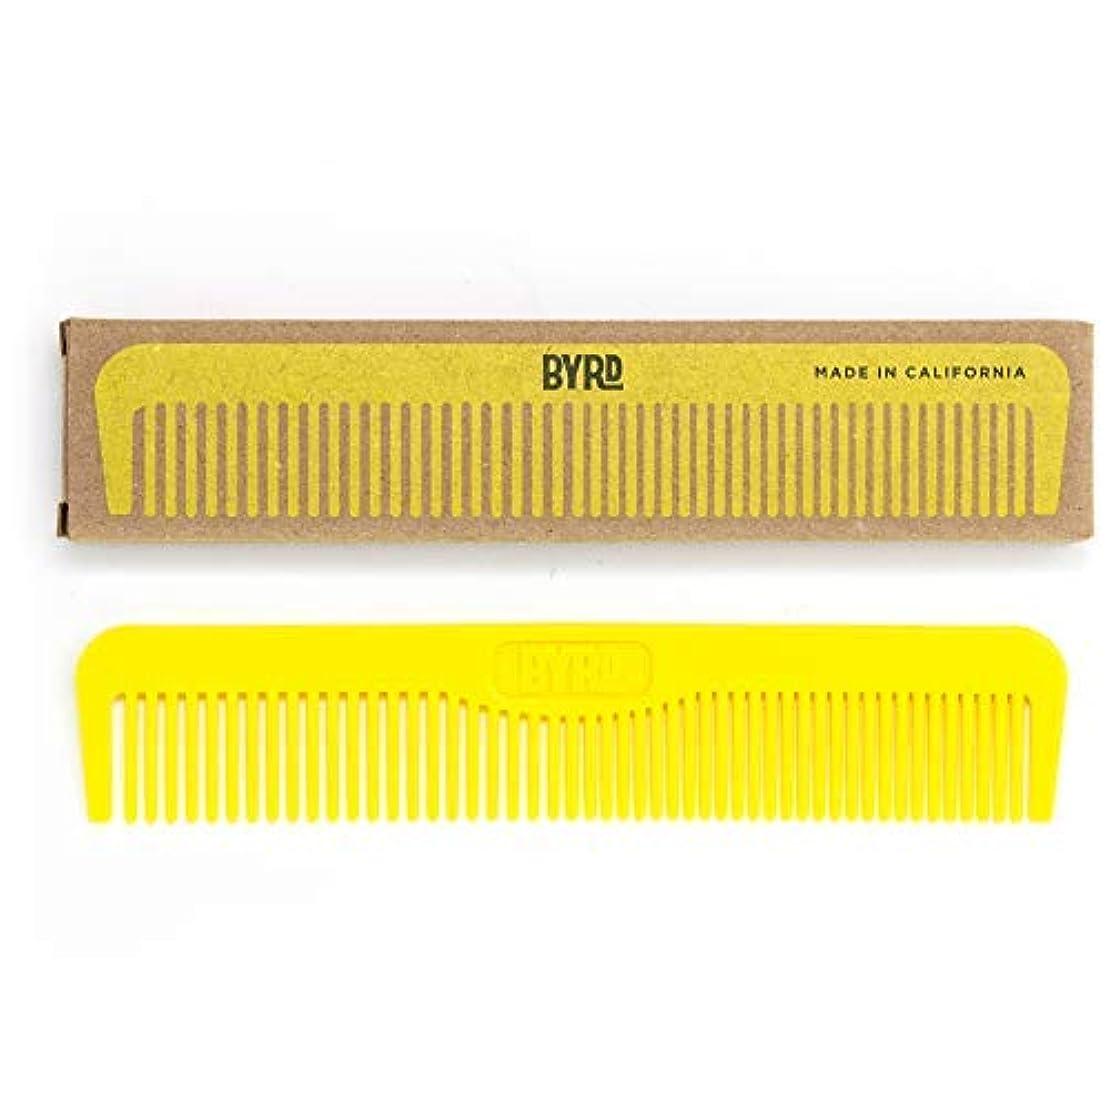 アンプ調和贅沢なBYRD Pocket Comb - Durable, Flexible, Tangle Free, Styling Comb, For All Hair Types, Back Pocket Friendly [並行輸入品]